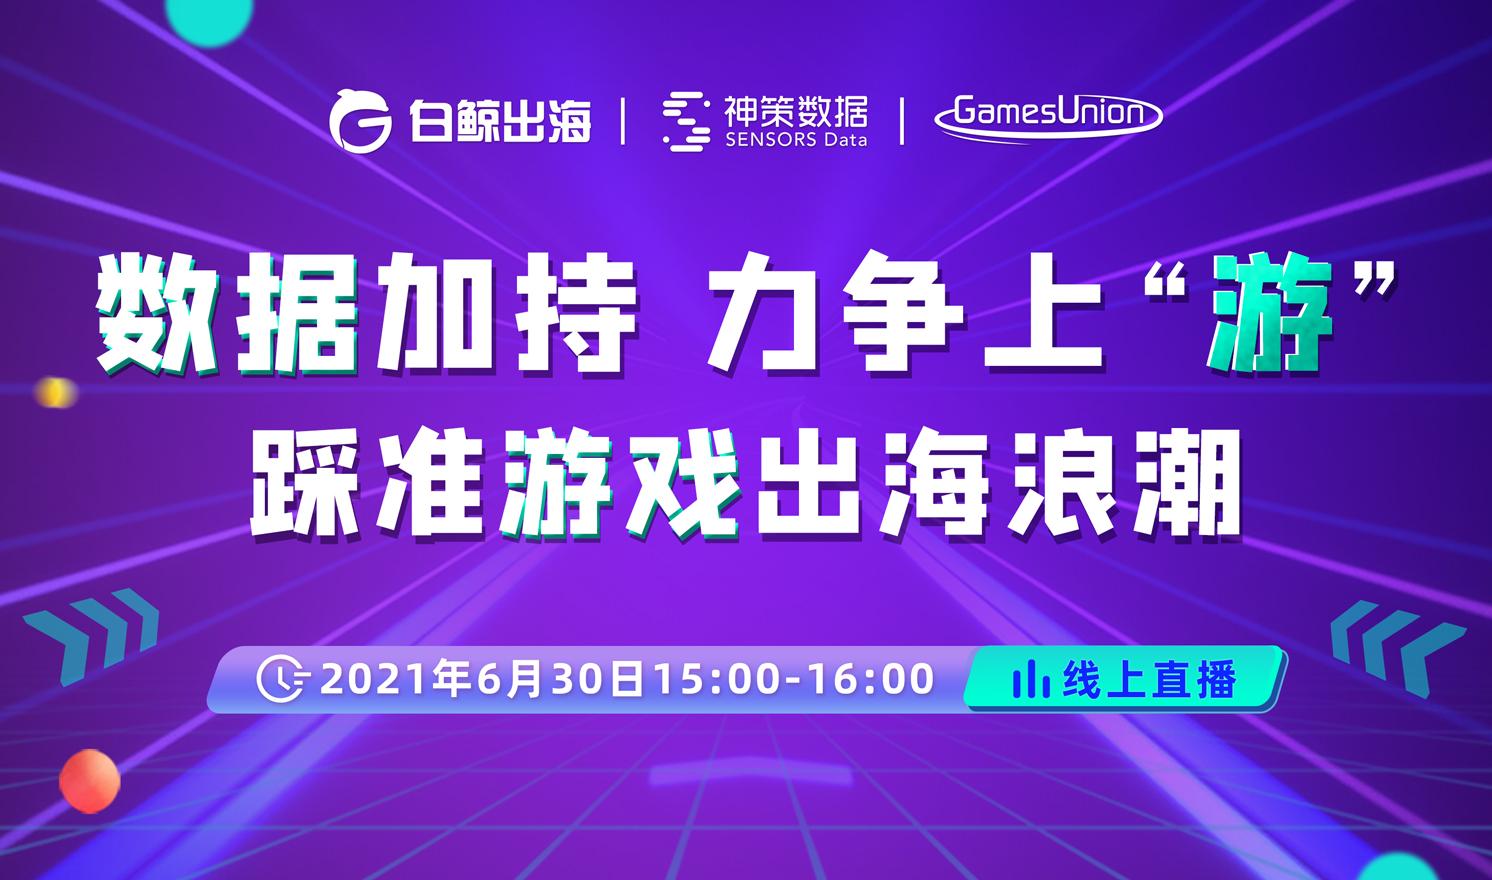 """数据加持 力争上""""游""""—— 踩准游戏出海浪潮(2021-06-30)"""